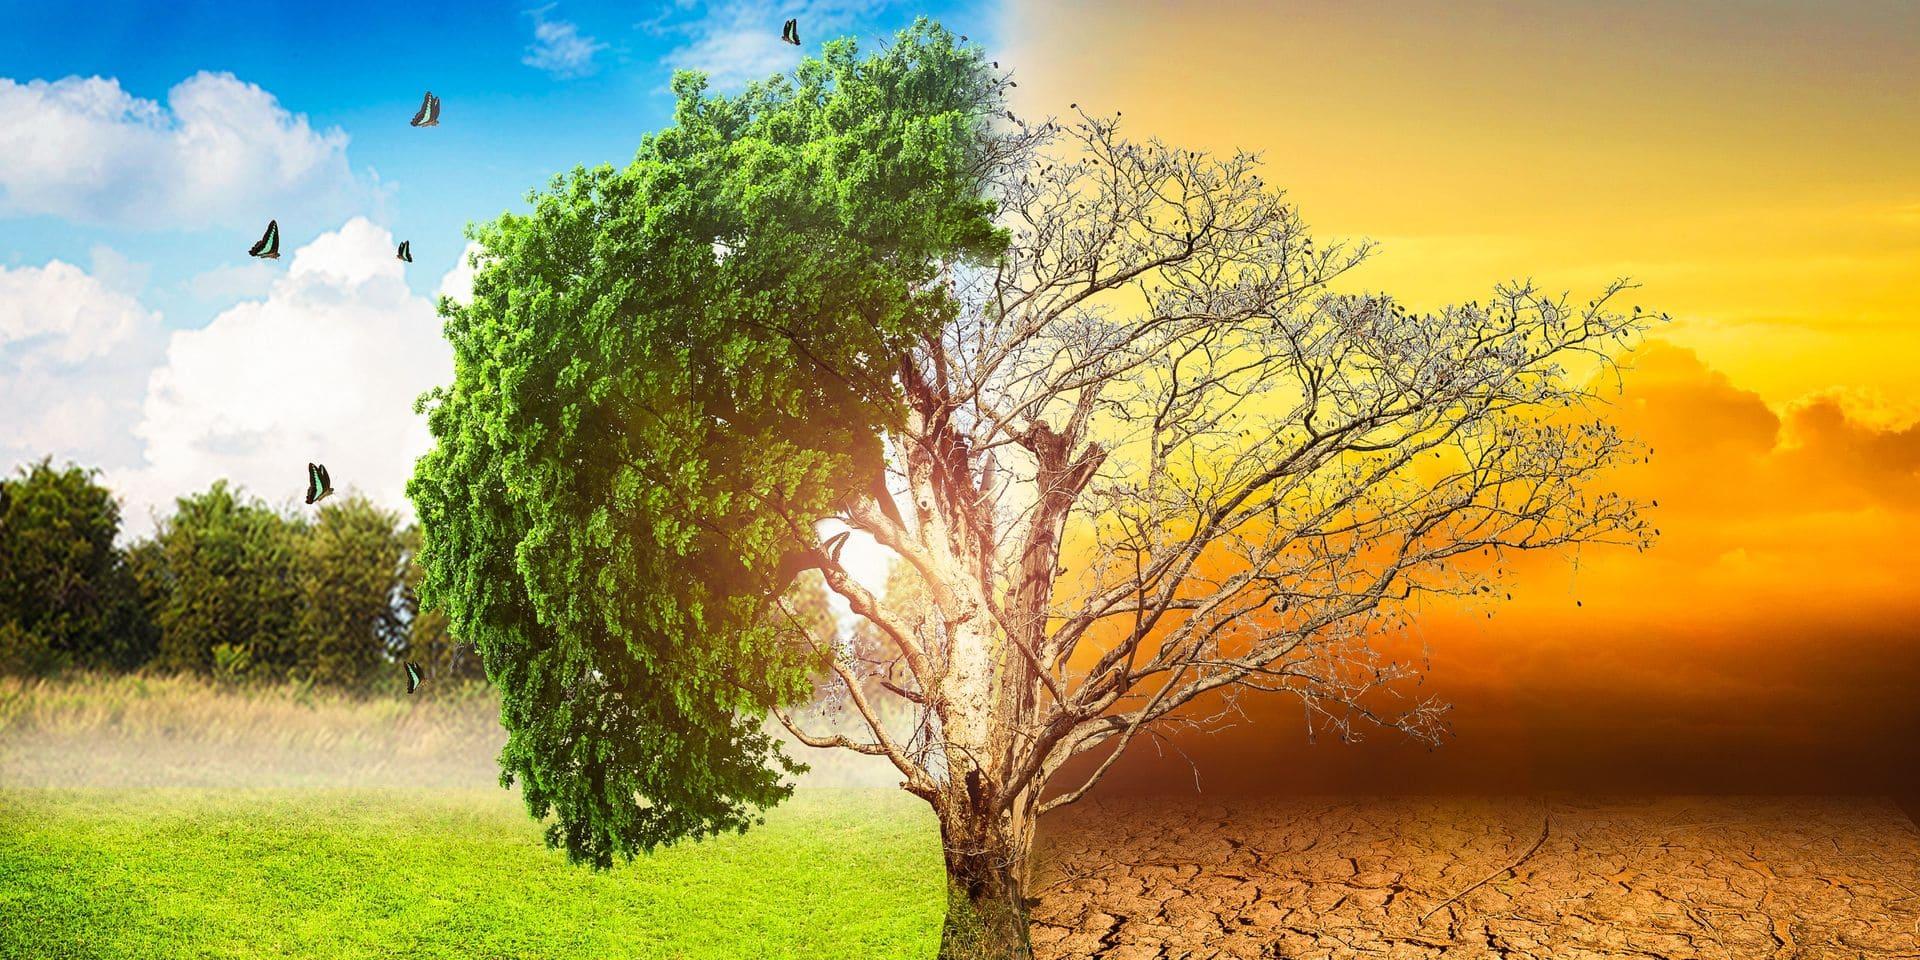 Réchauffement climatique : un demi-degré de plus, des conséquences en cascade